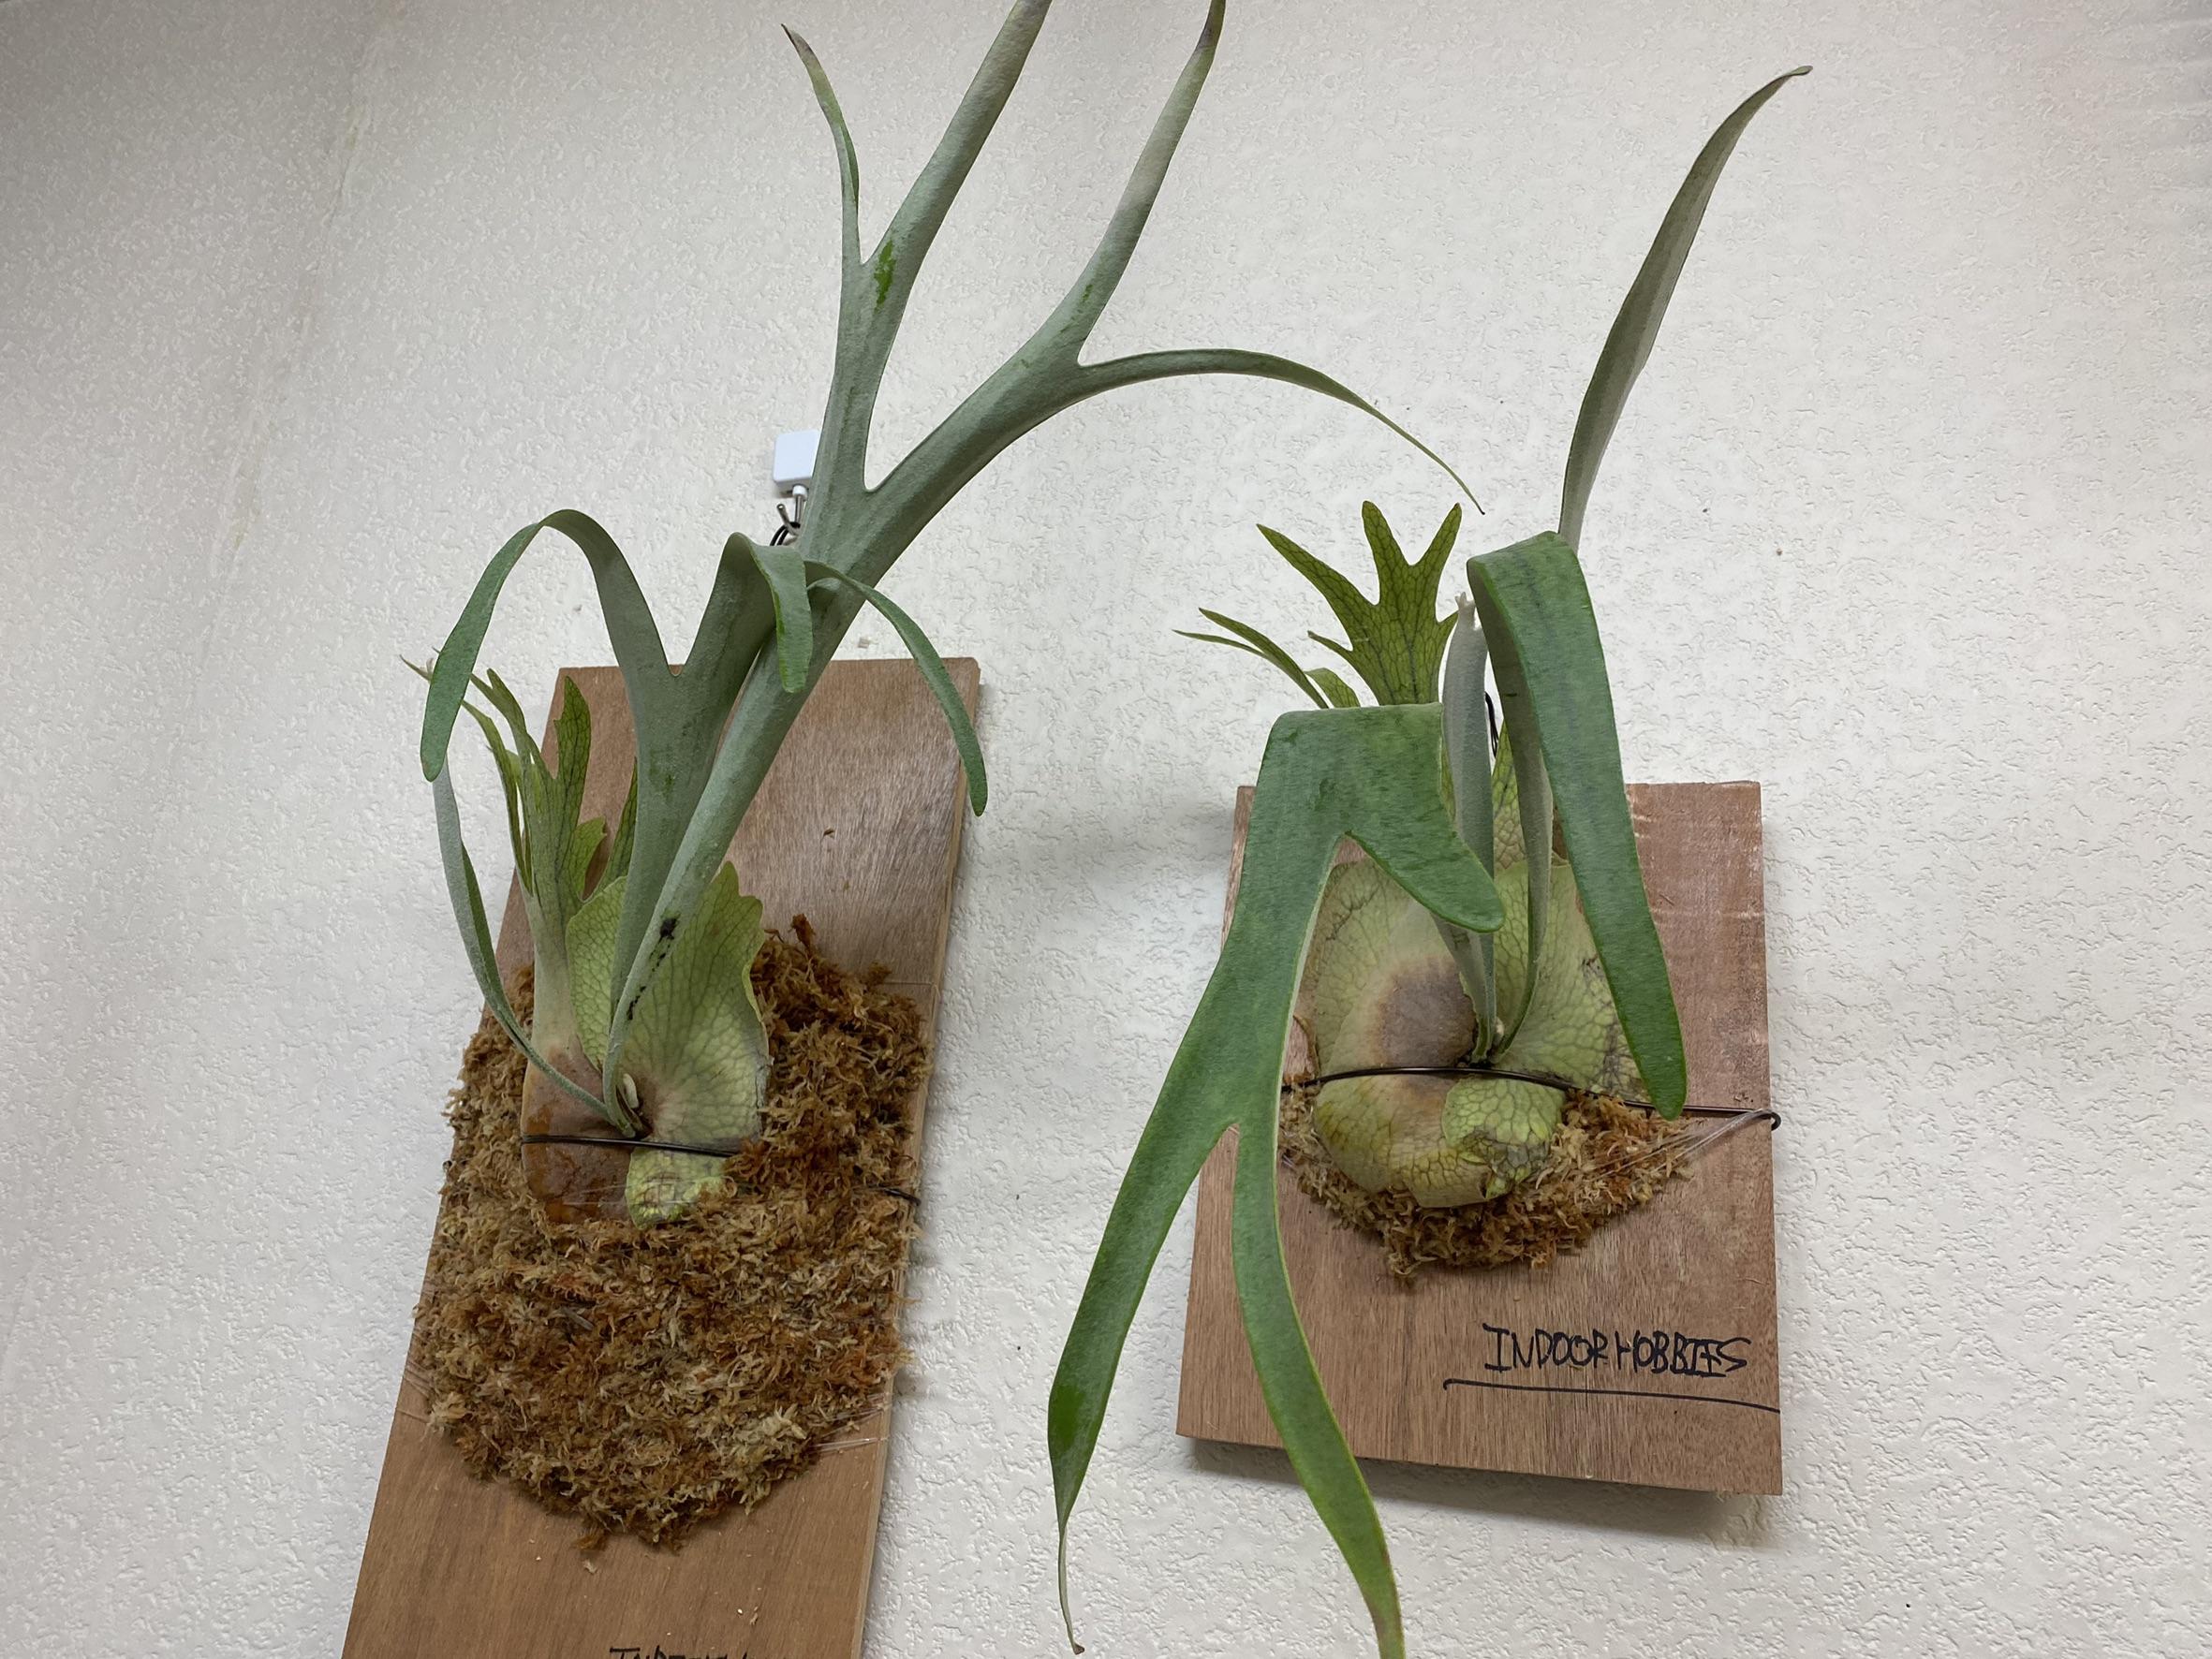 ビカクシダは水苔の量で成長に差が出るのか?